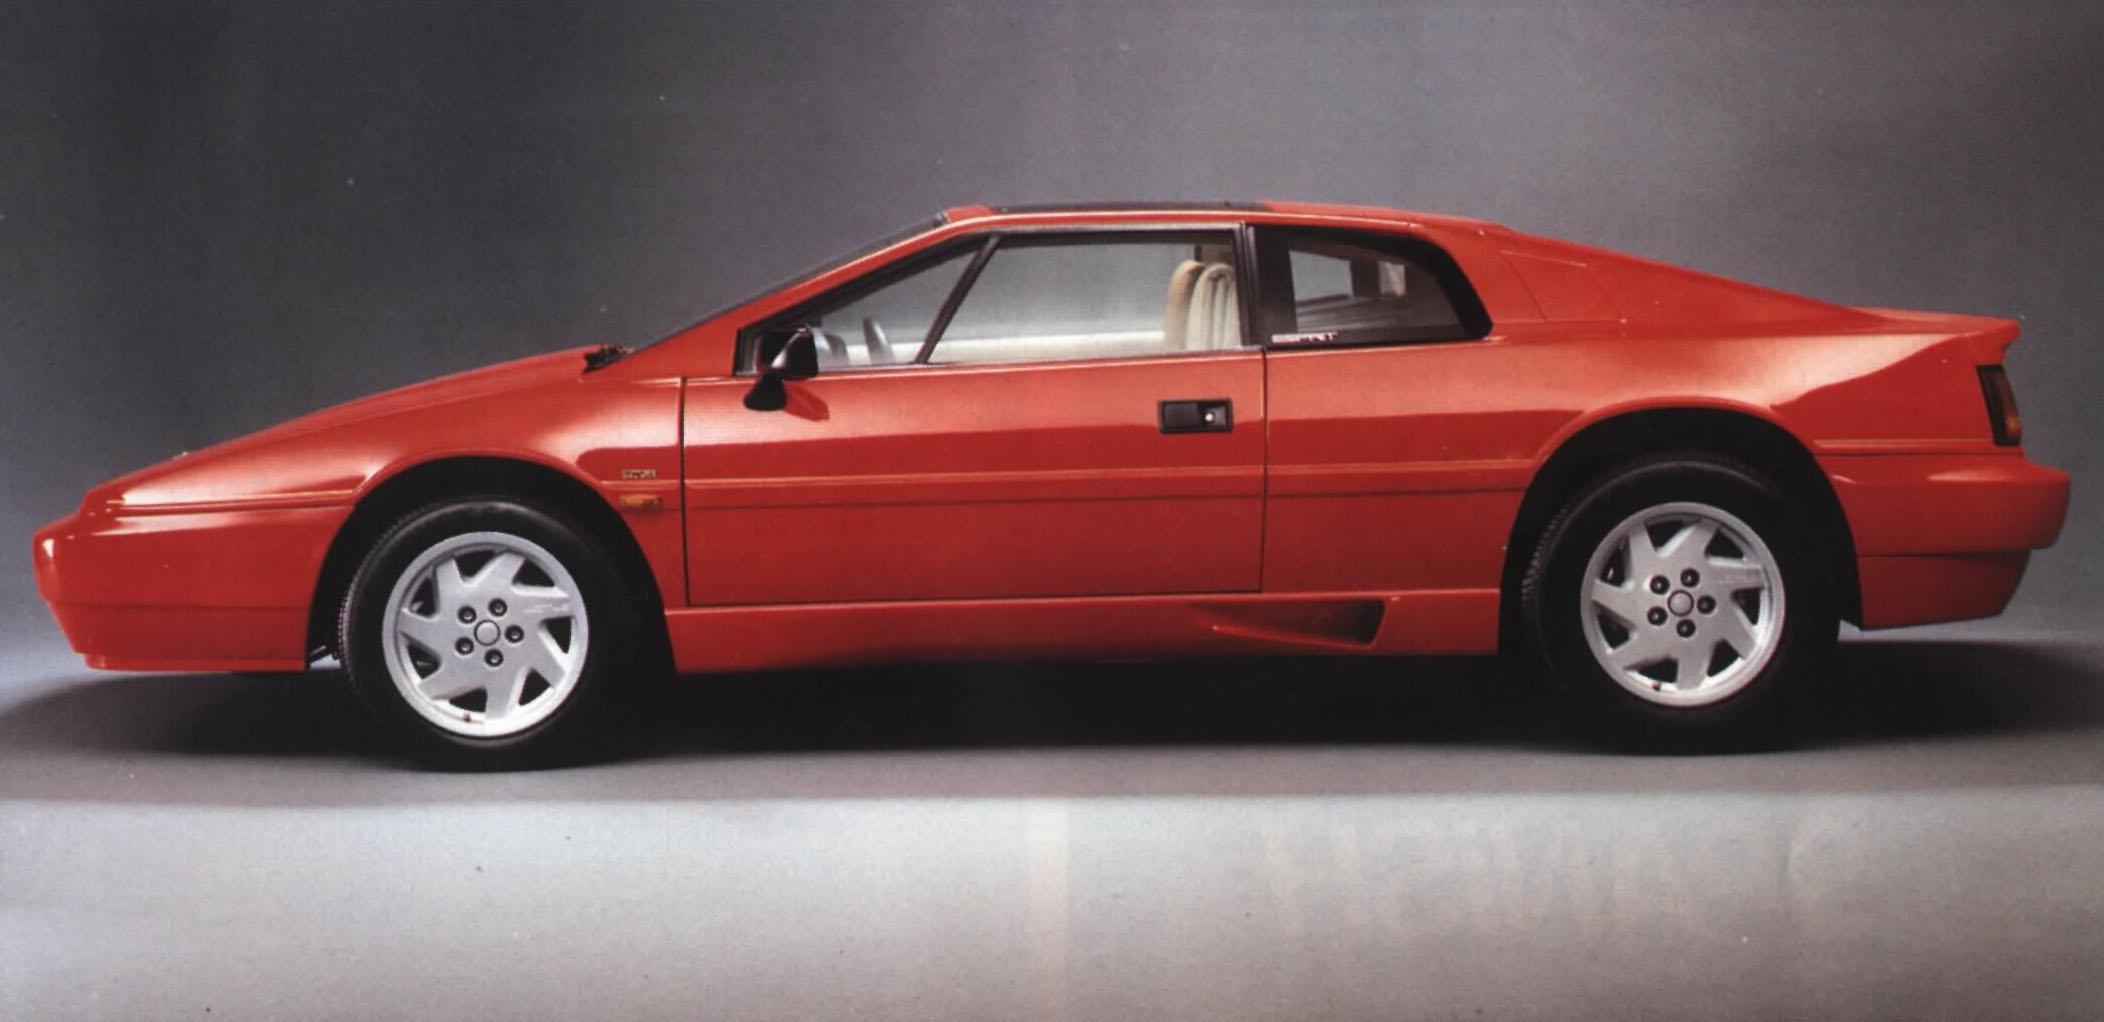 Lotus Esprit Turbo Versus The Na